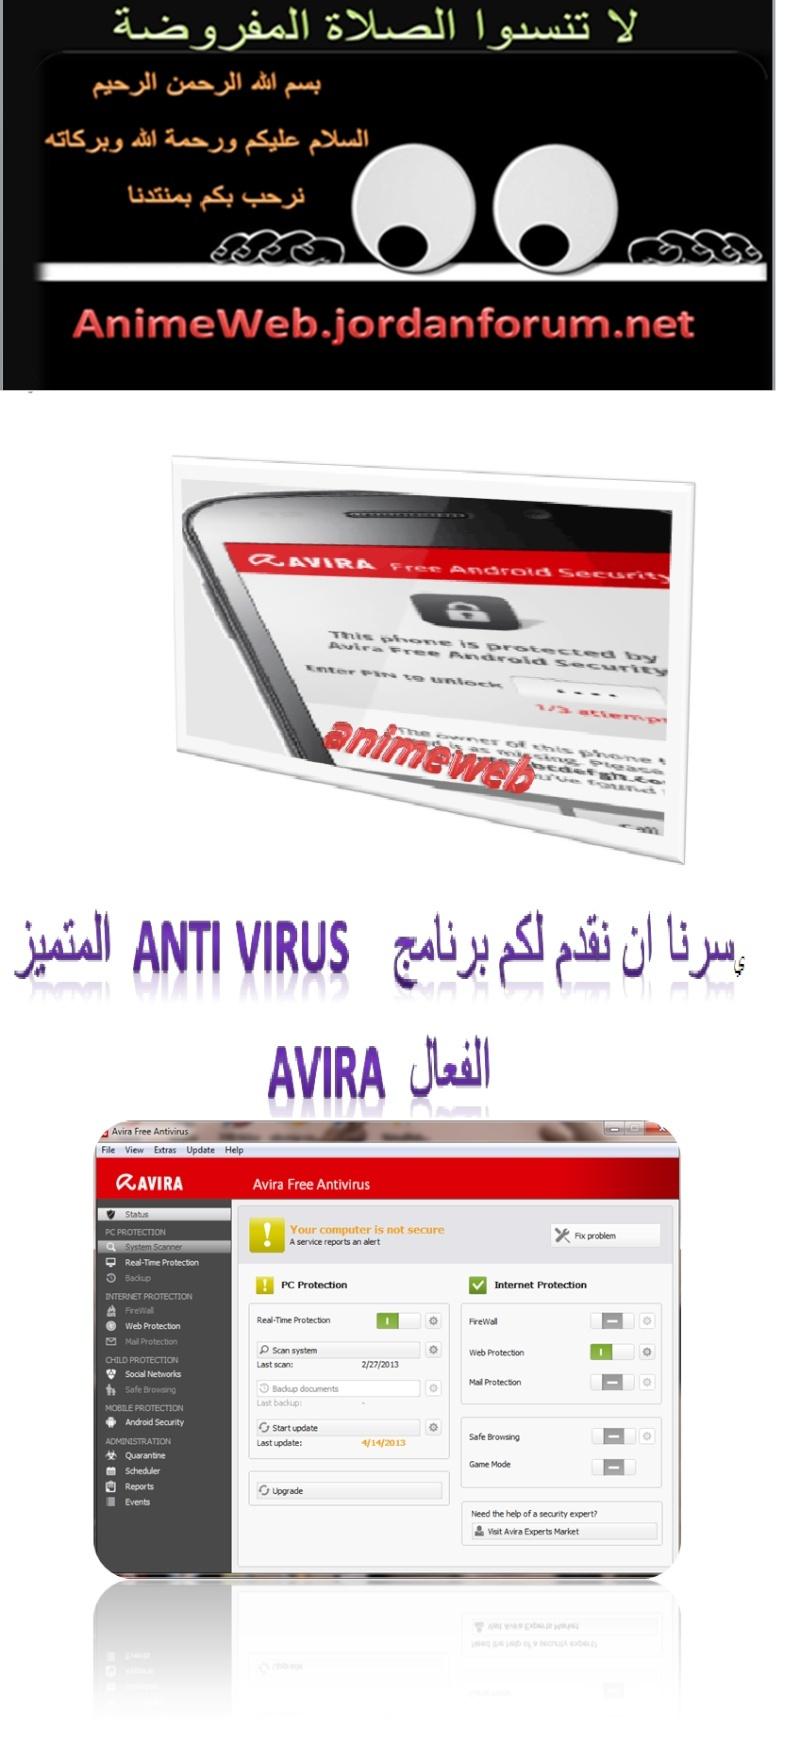 مكافح الفايروسات Avira Premium Security Suite والملفات الخبيثة Hajj_a11